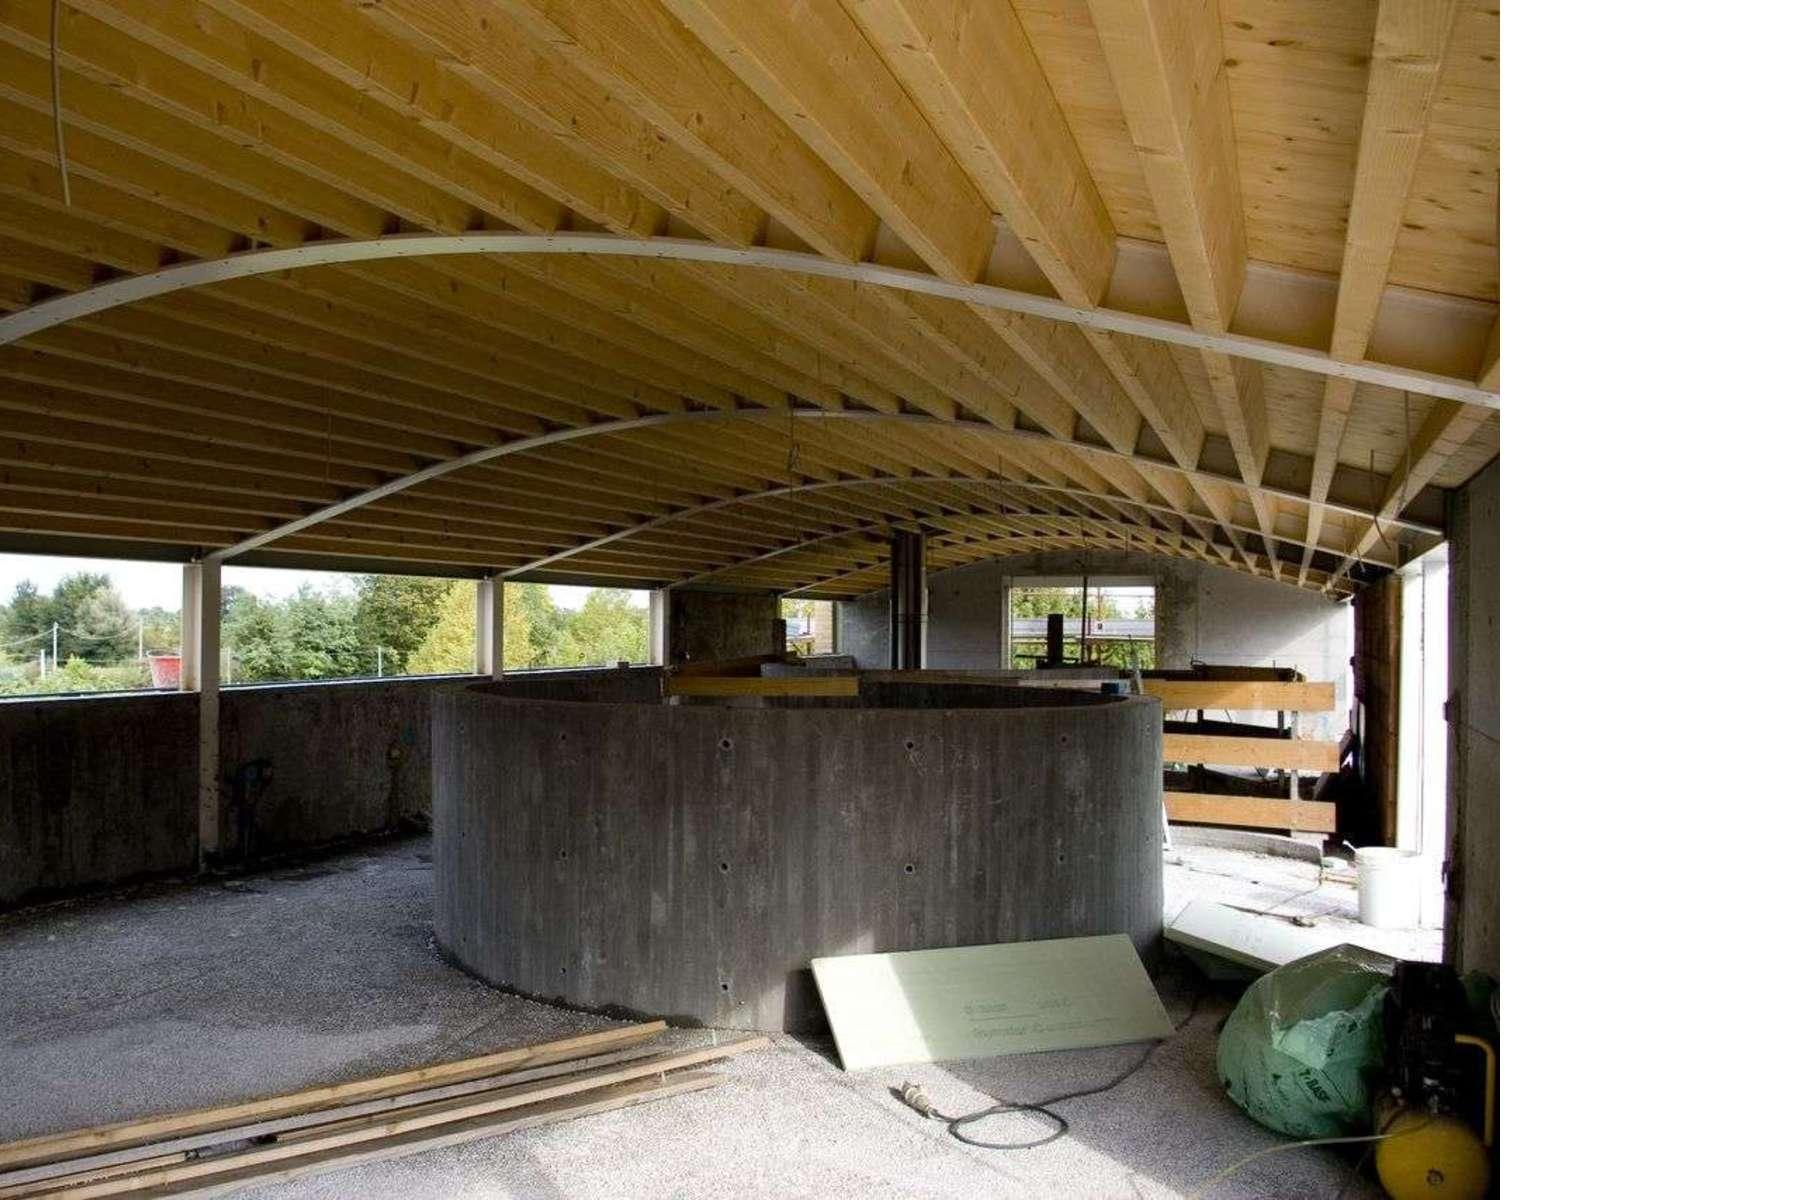 Elasticospa 3 renovation d 39 une maison de campagne a sacile floornature - Renovation maison de campagne ...